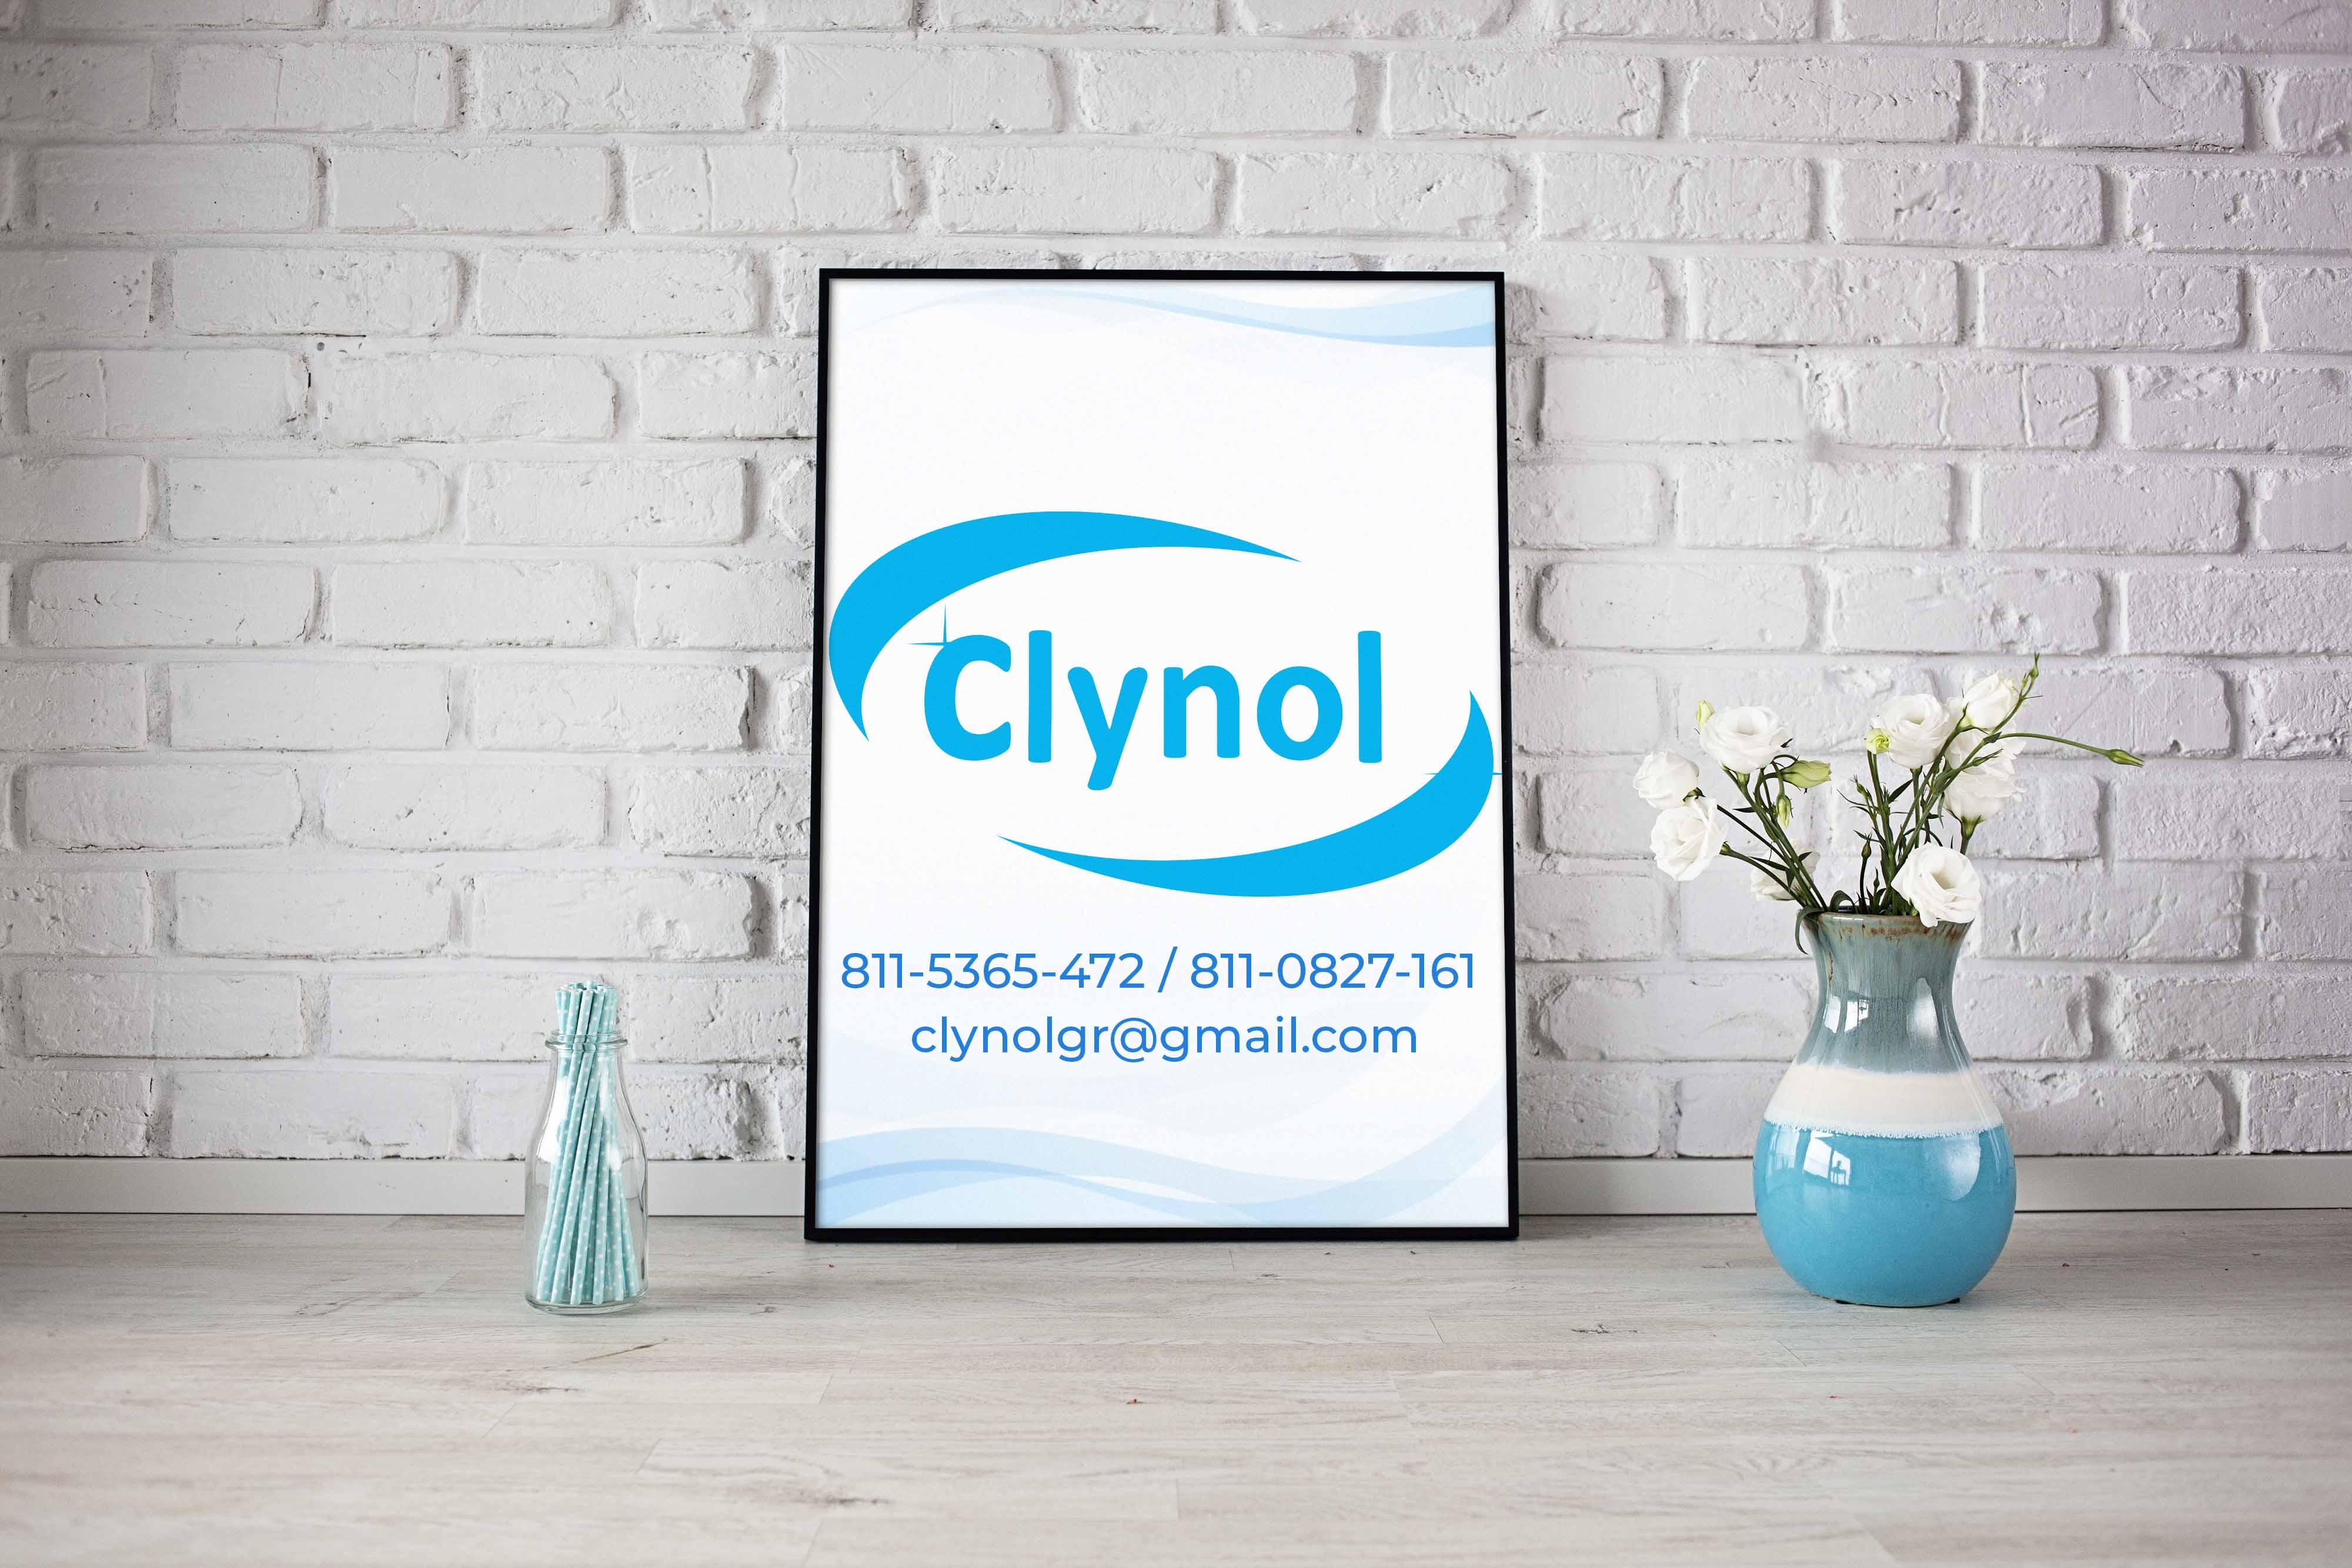 Clynol - Amigos Maderos